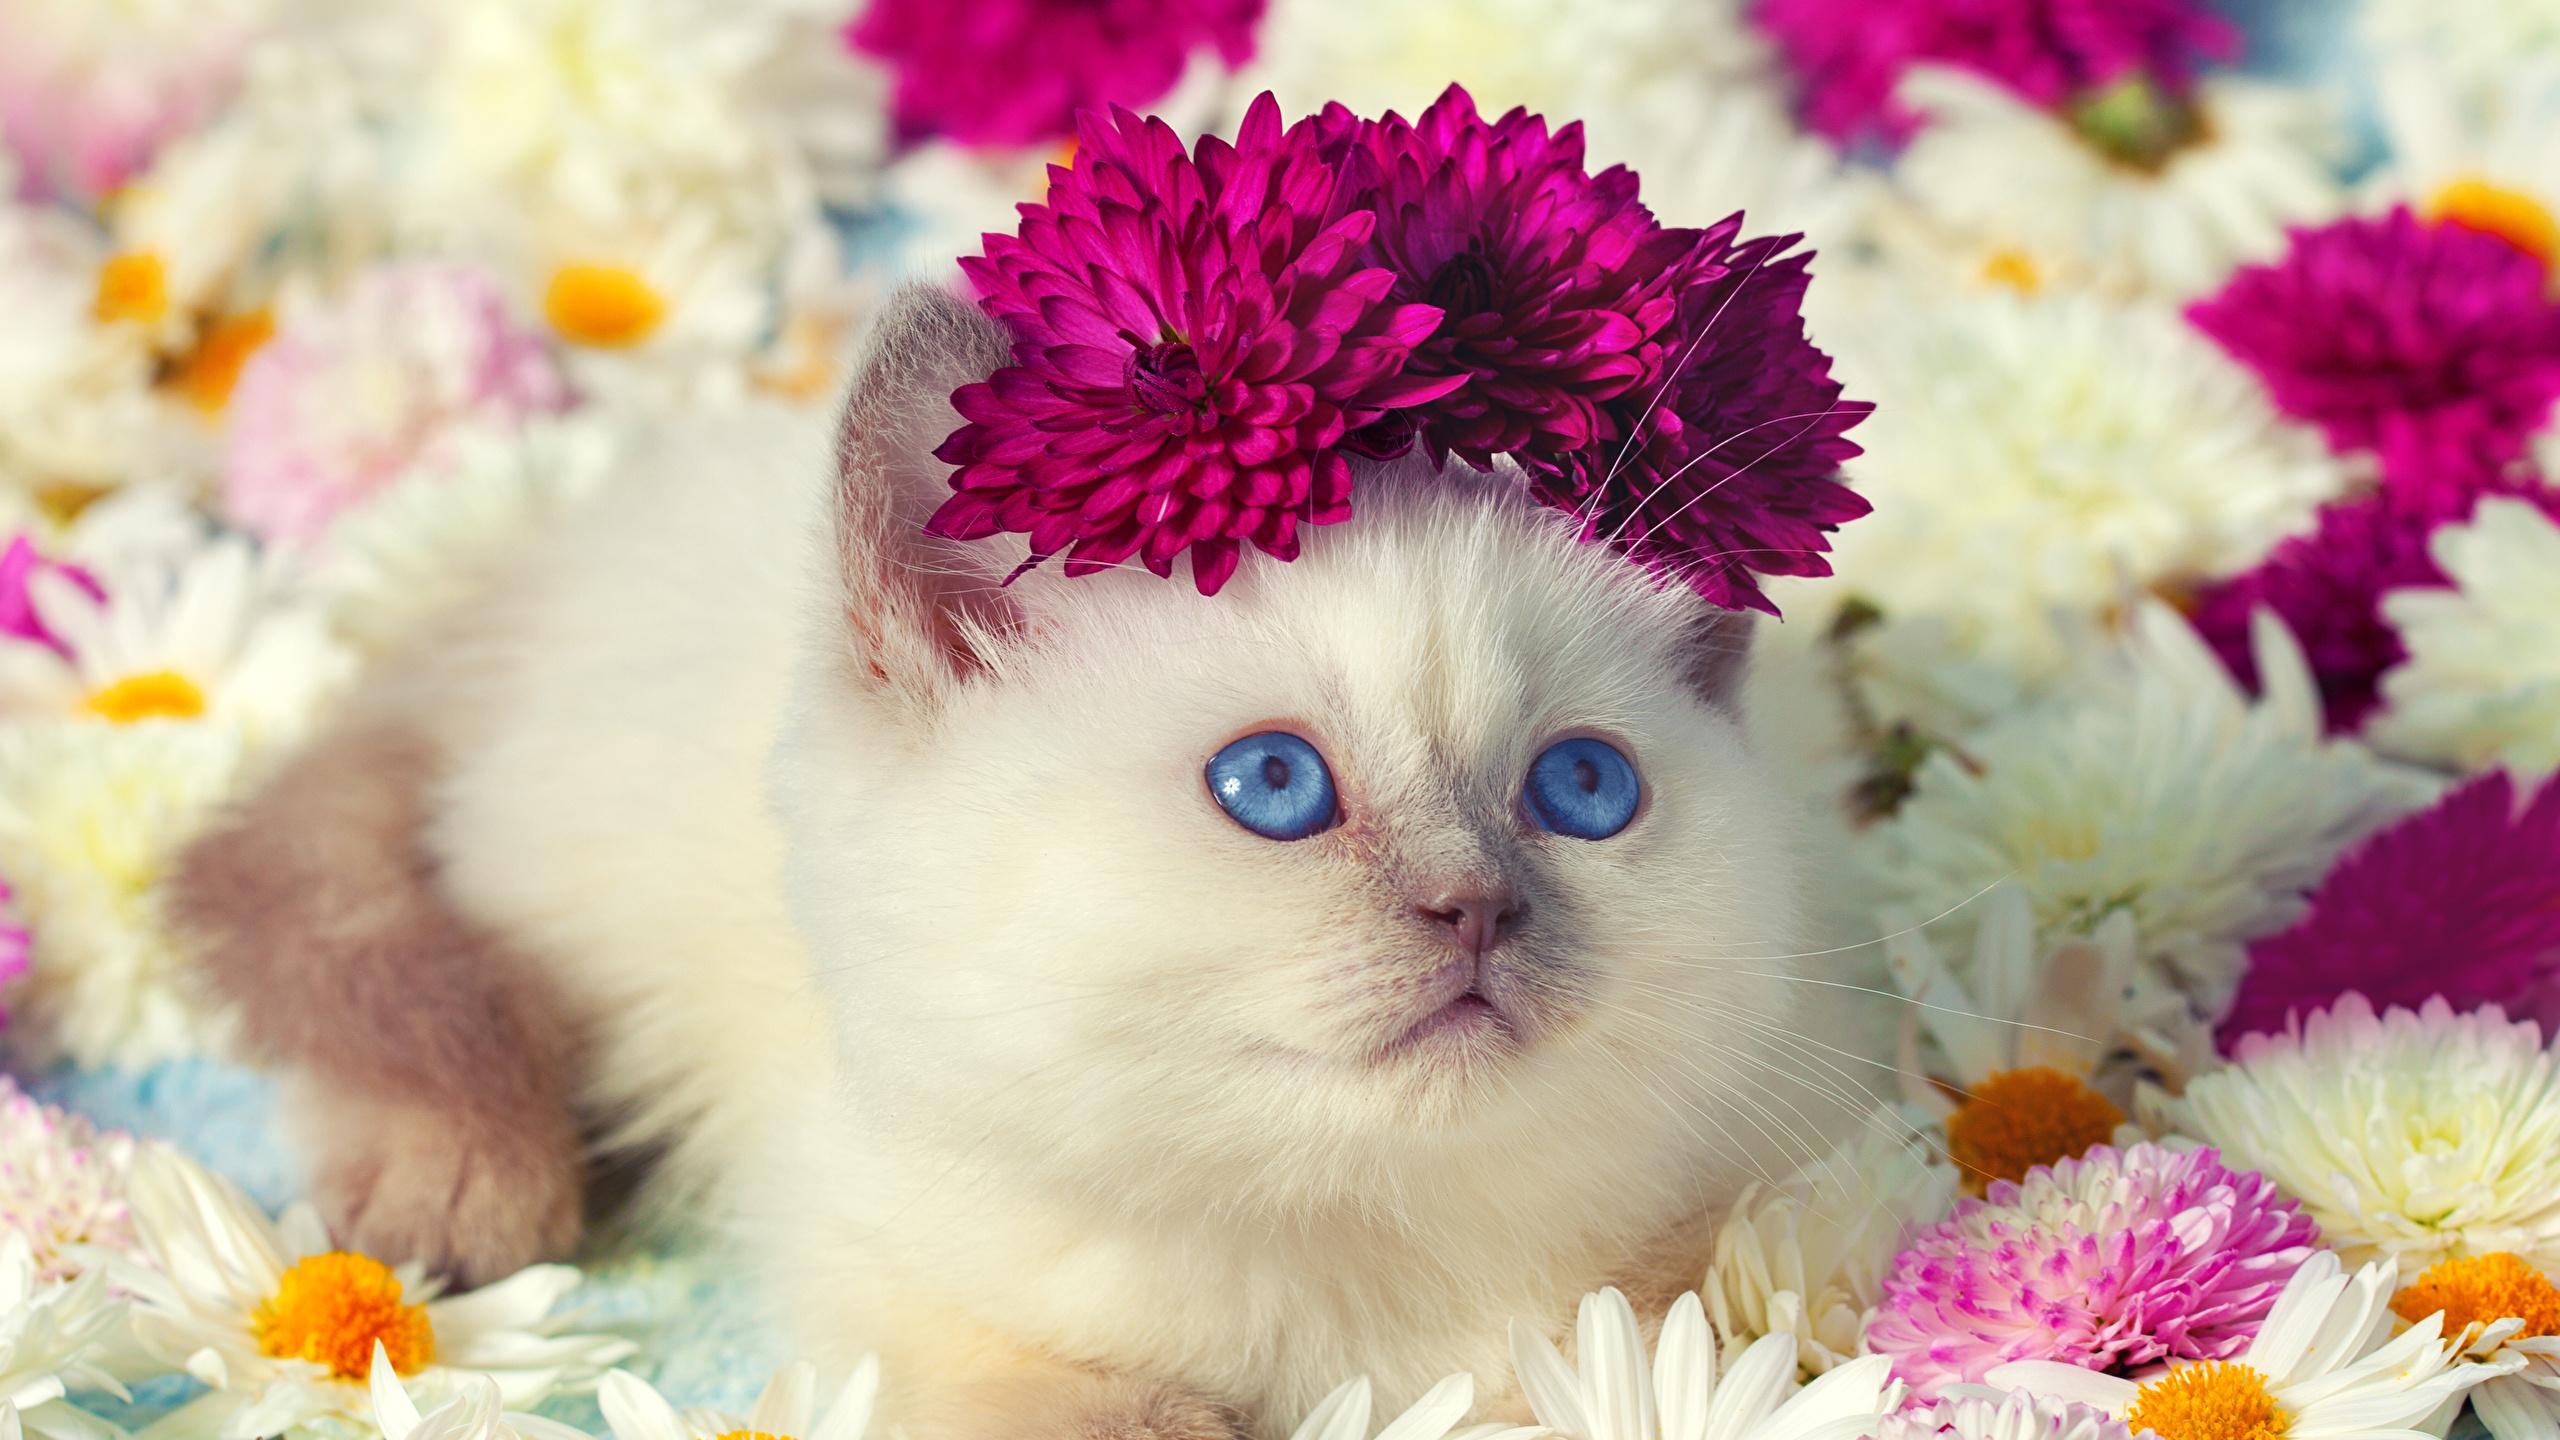 壁紙 2560x1440 飼い猫 カモミール 菊 凝視 子猫 可愛い 動物